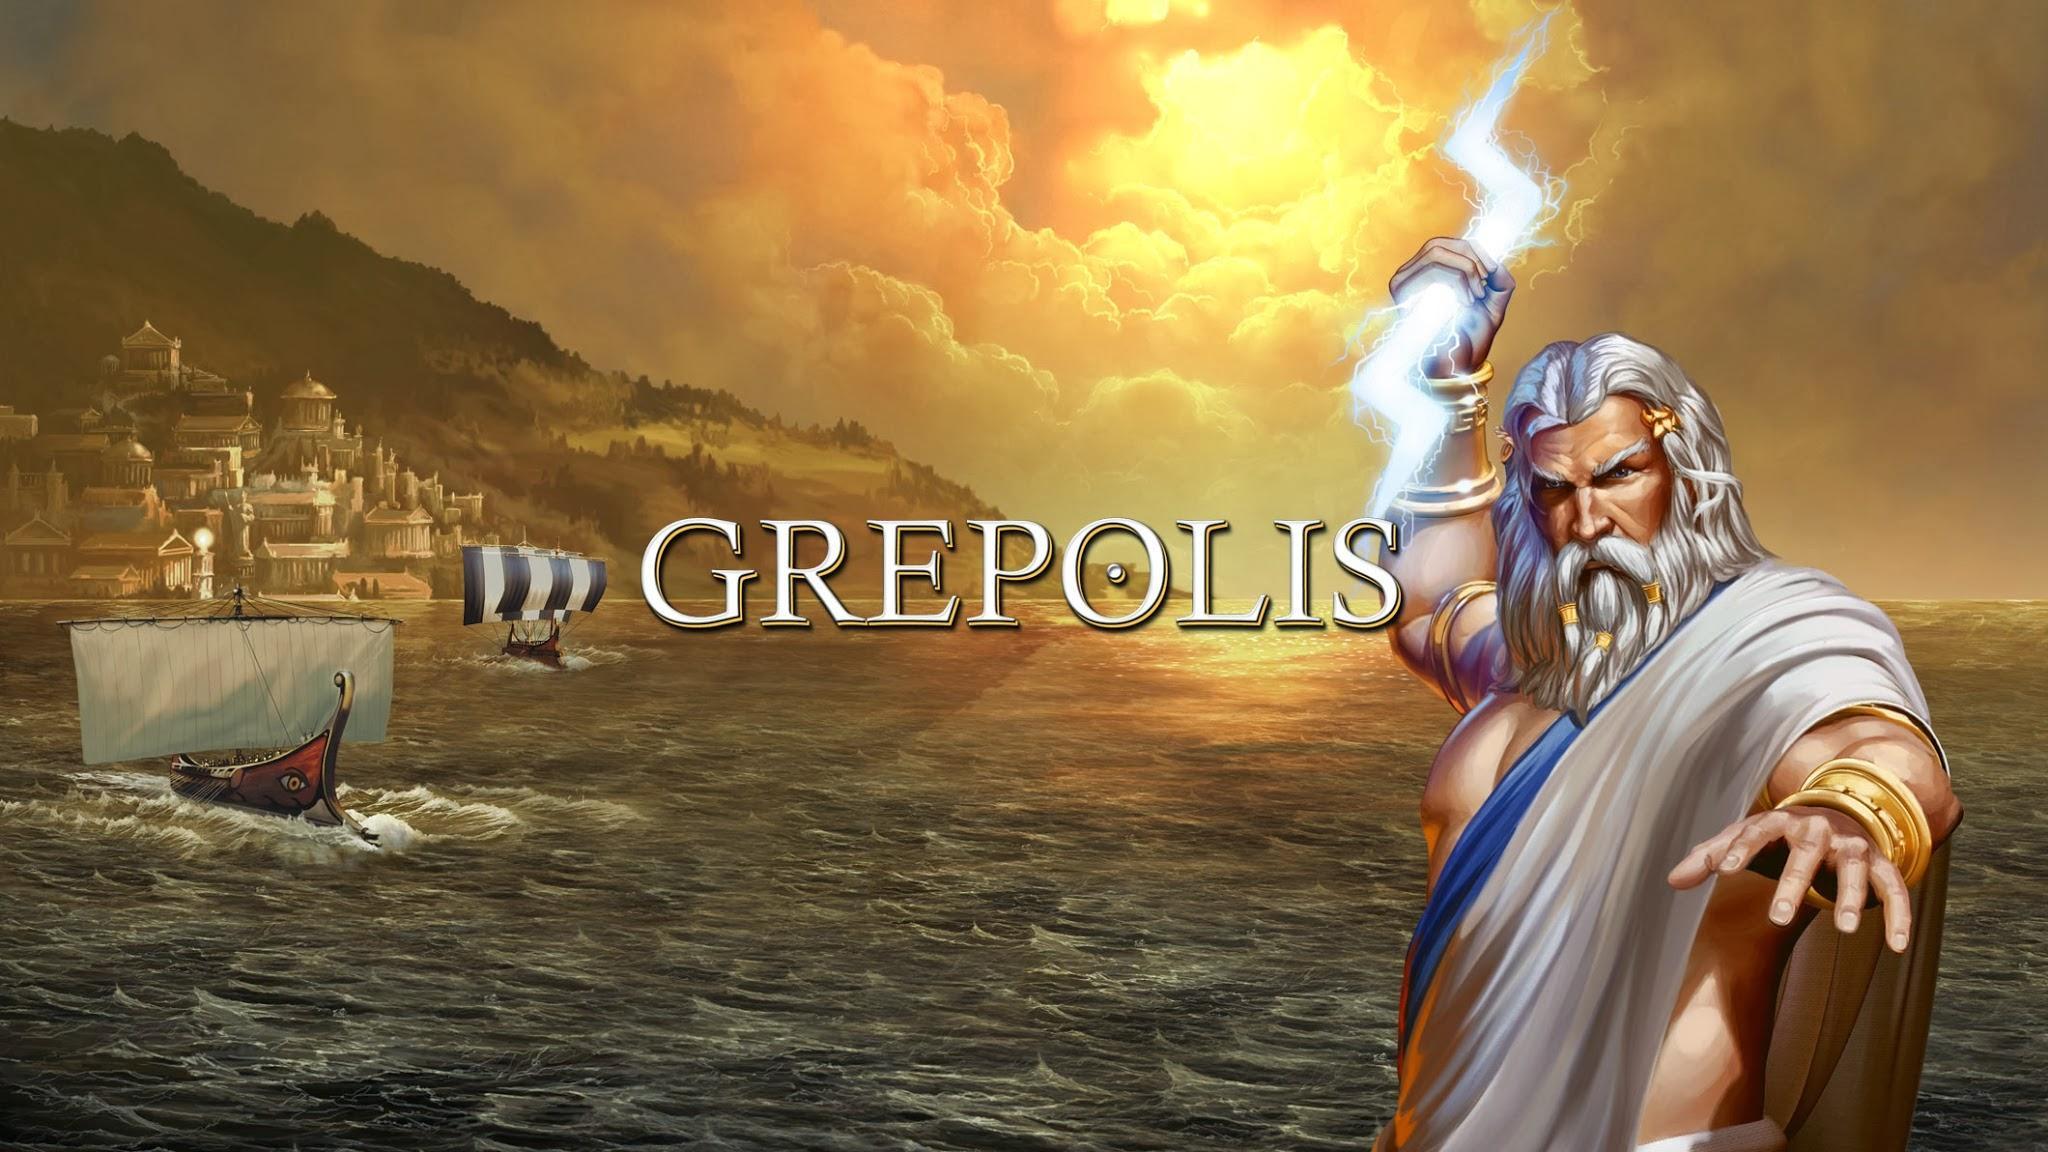 Grepolis 2048x1152